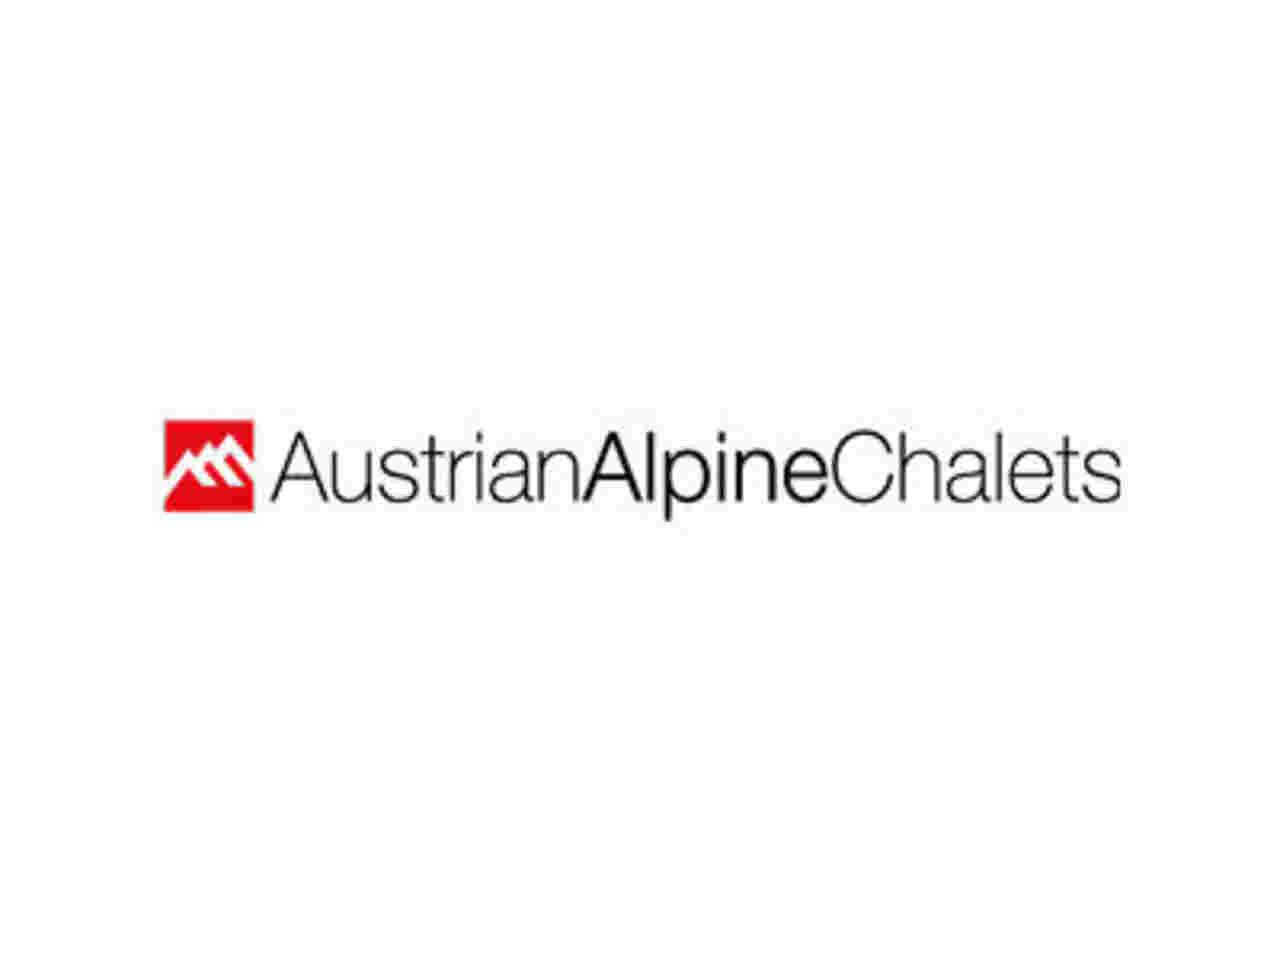 Austrian Alpine Chalets